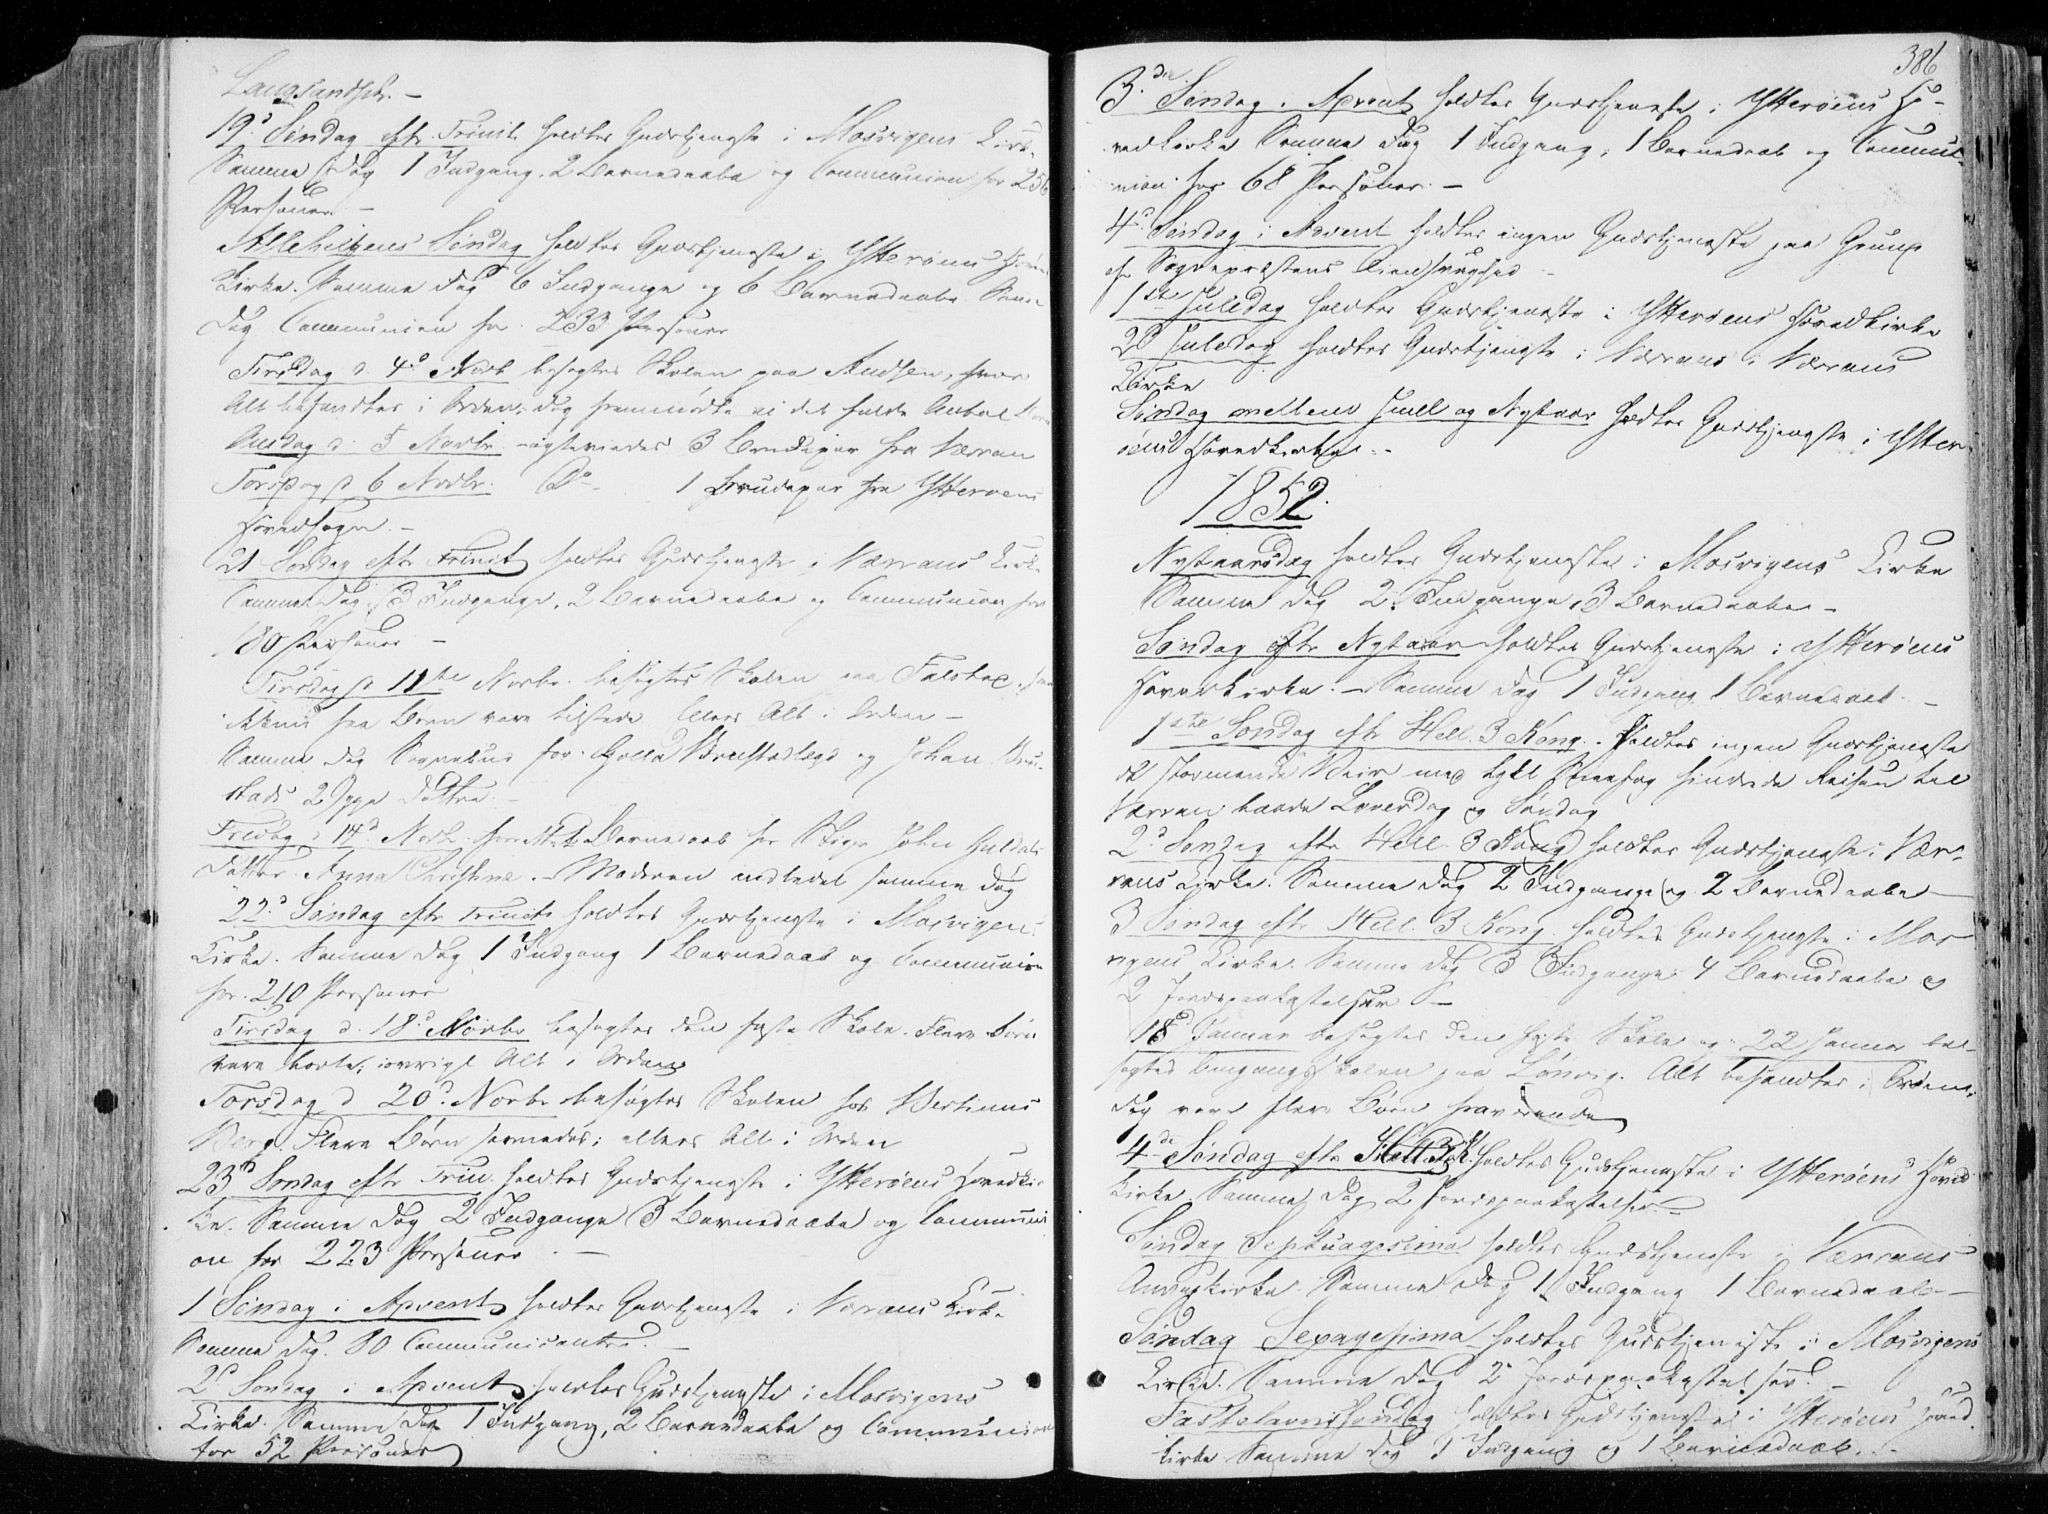 SAT, Ministerialprotokoller, klokkerbøker og fødselsregistre - Nord-Trøndelag, 722/L0218: Ministerialbok nr. 722A05, 1843-1868, s. 386